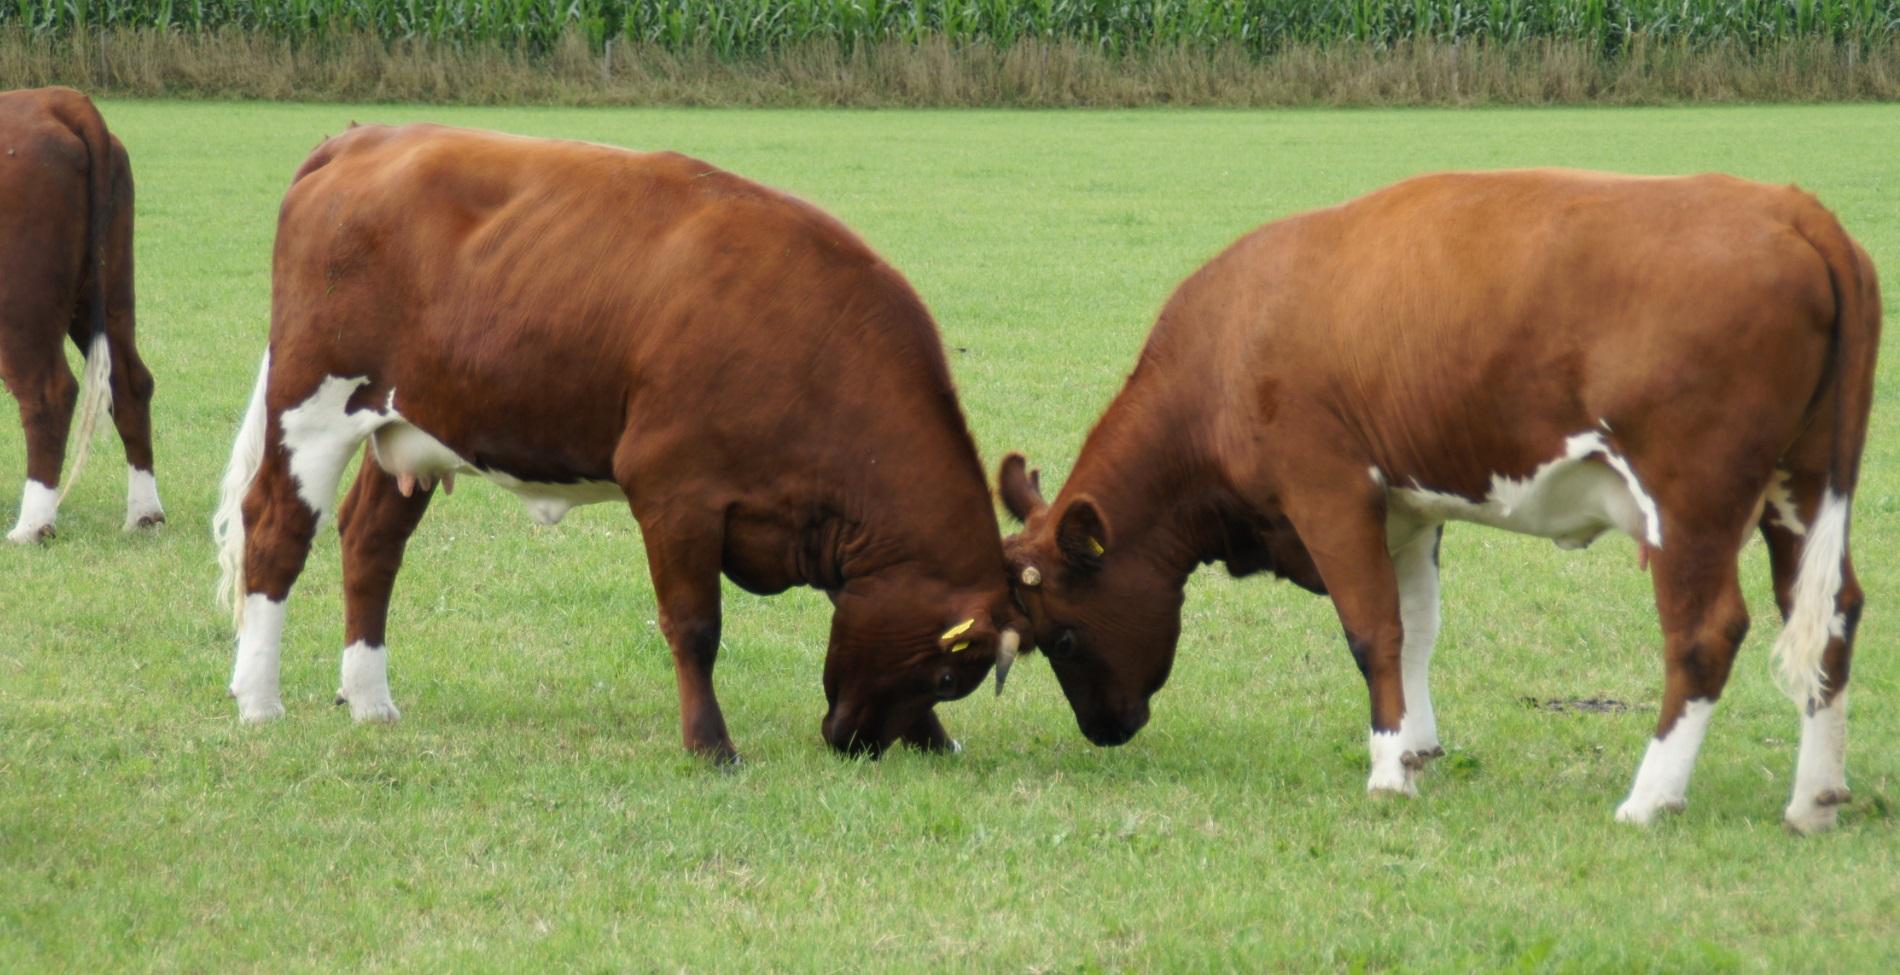 Twee koeien met de koppen tegen elkaar